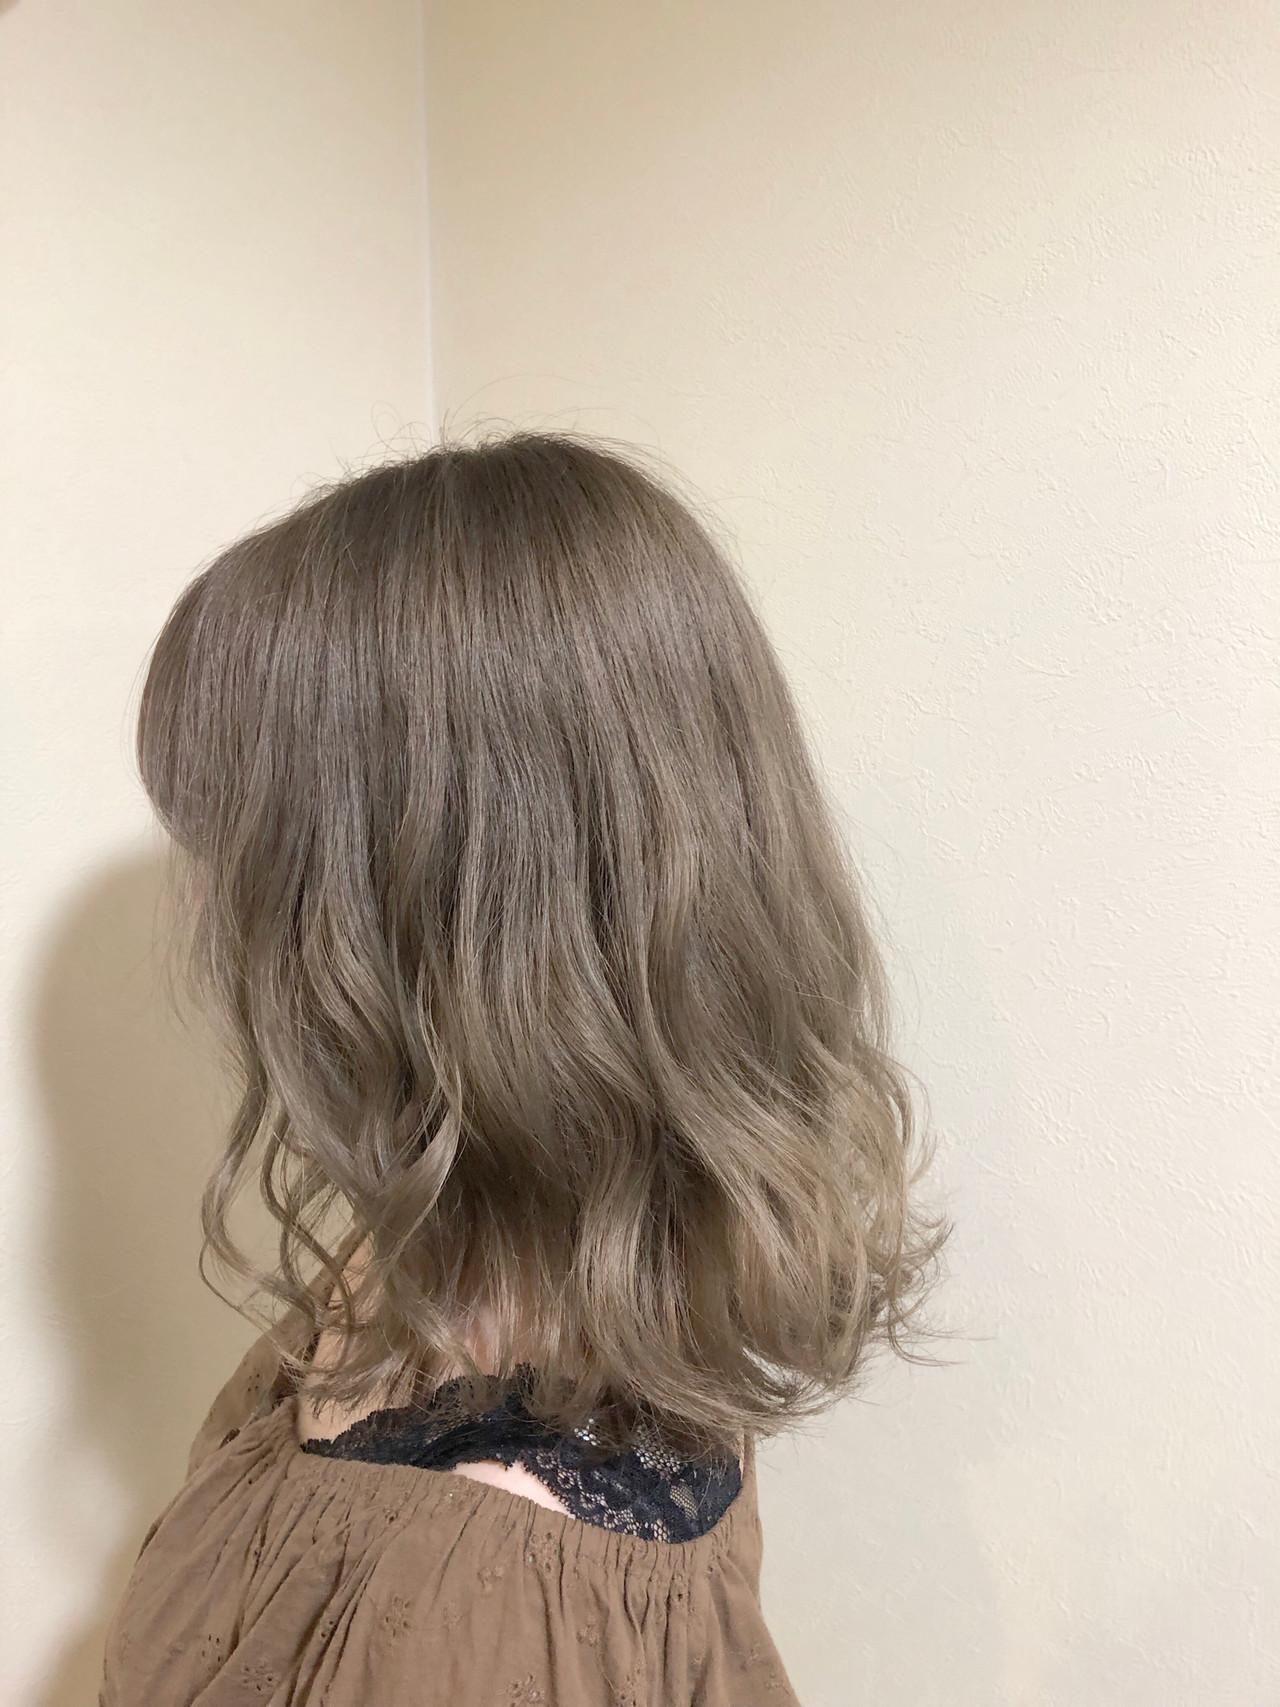 ラベージュ ハイトーンカラー ミディアム ラベンダーアッシュ ヘアスタイルや髪型の写真・画像